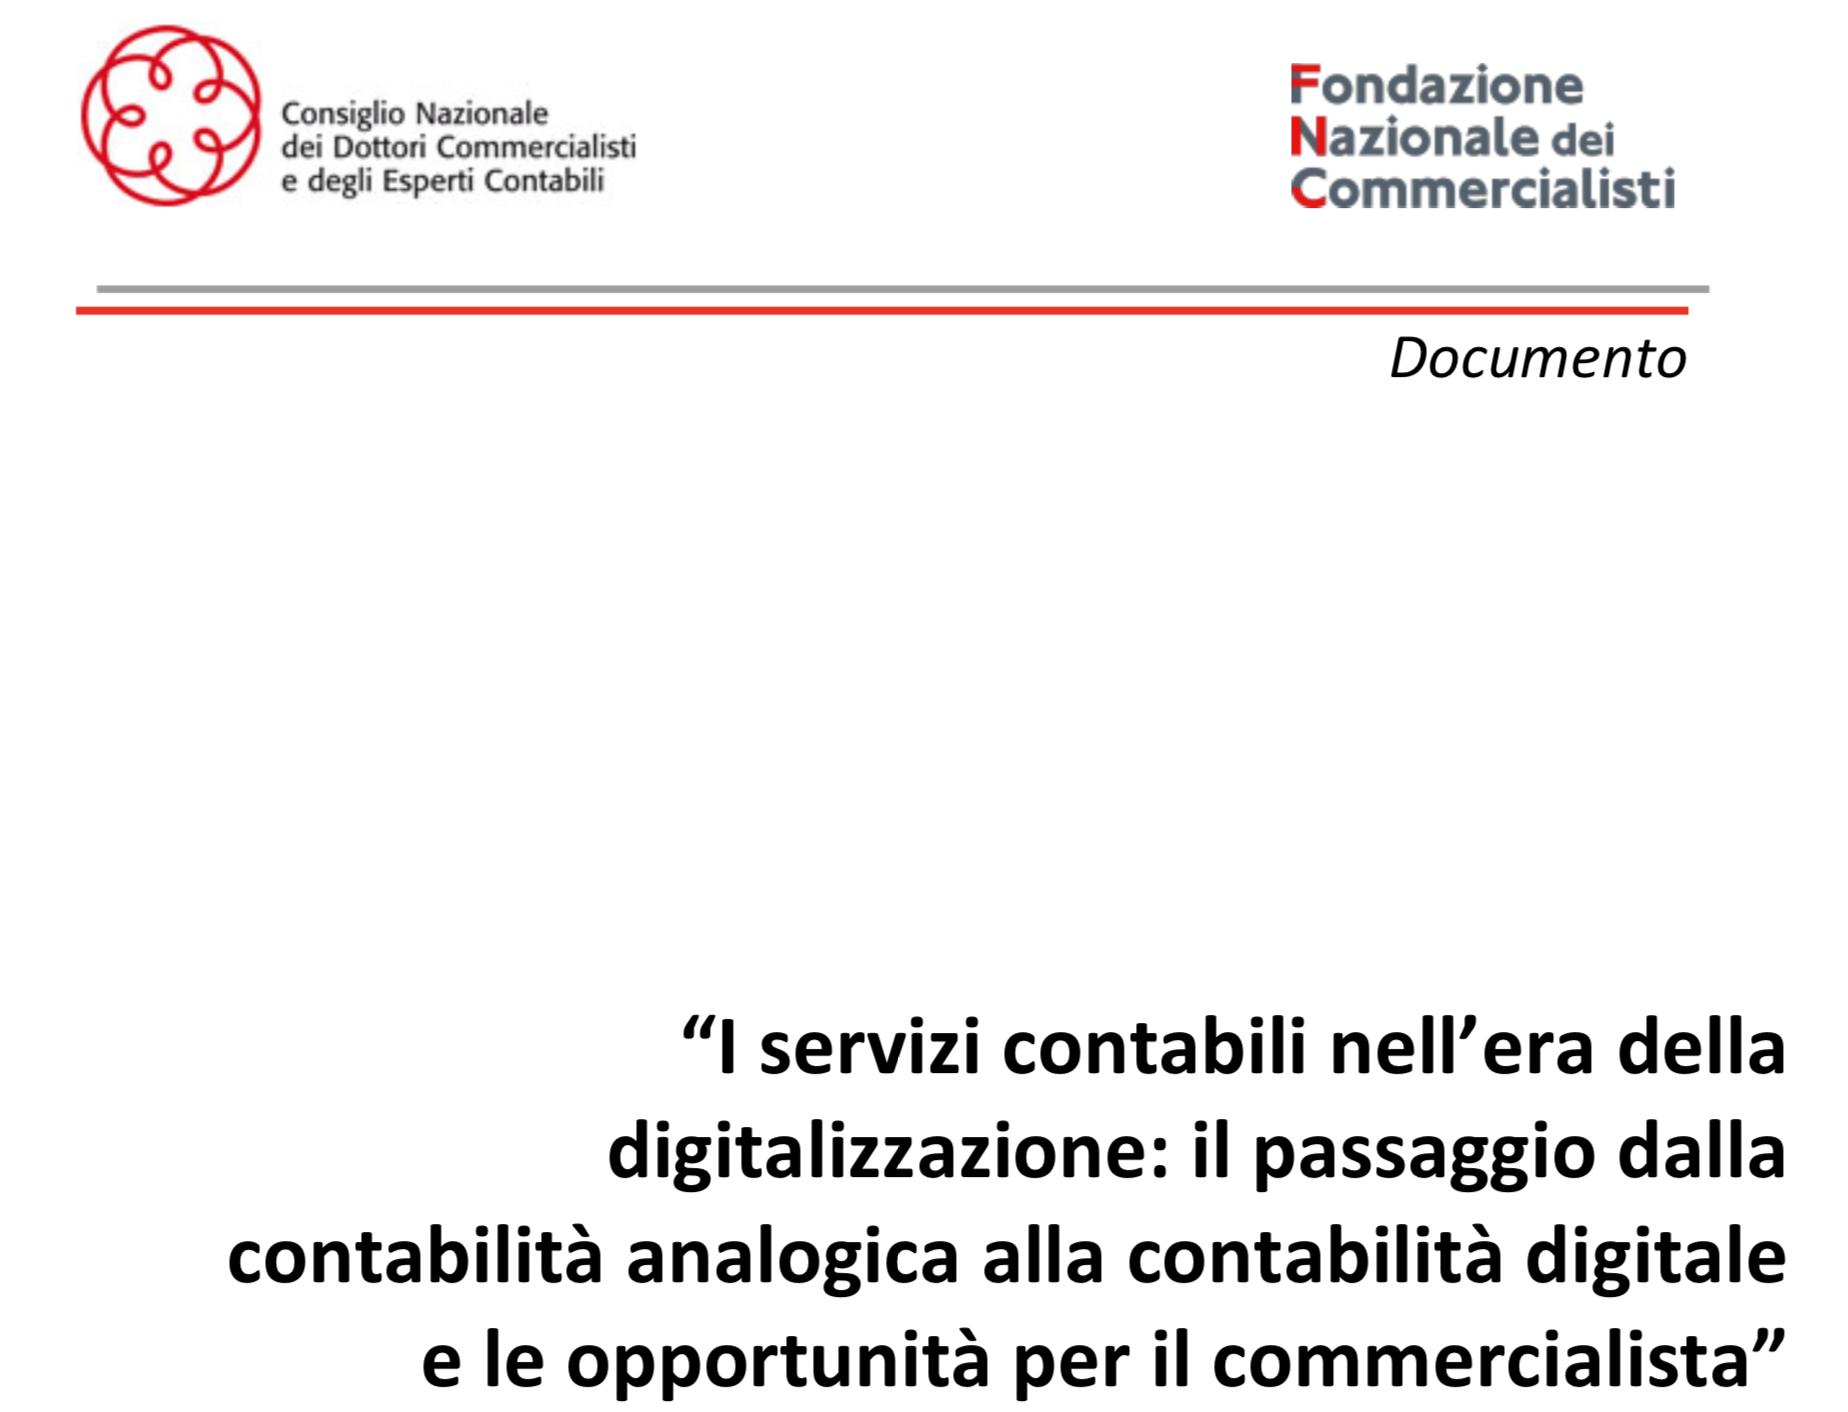 digitalizzazione_contabilita_CNCDEC